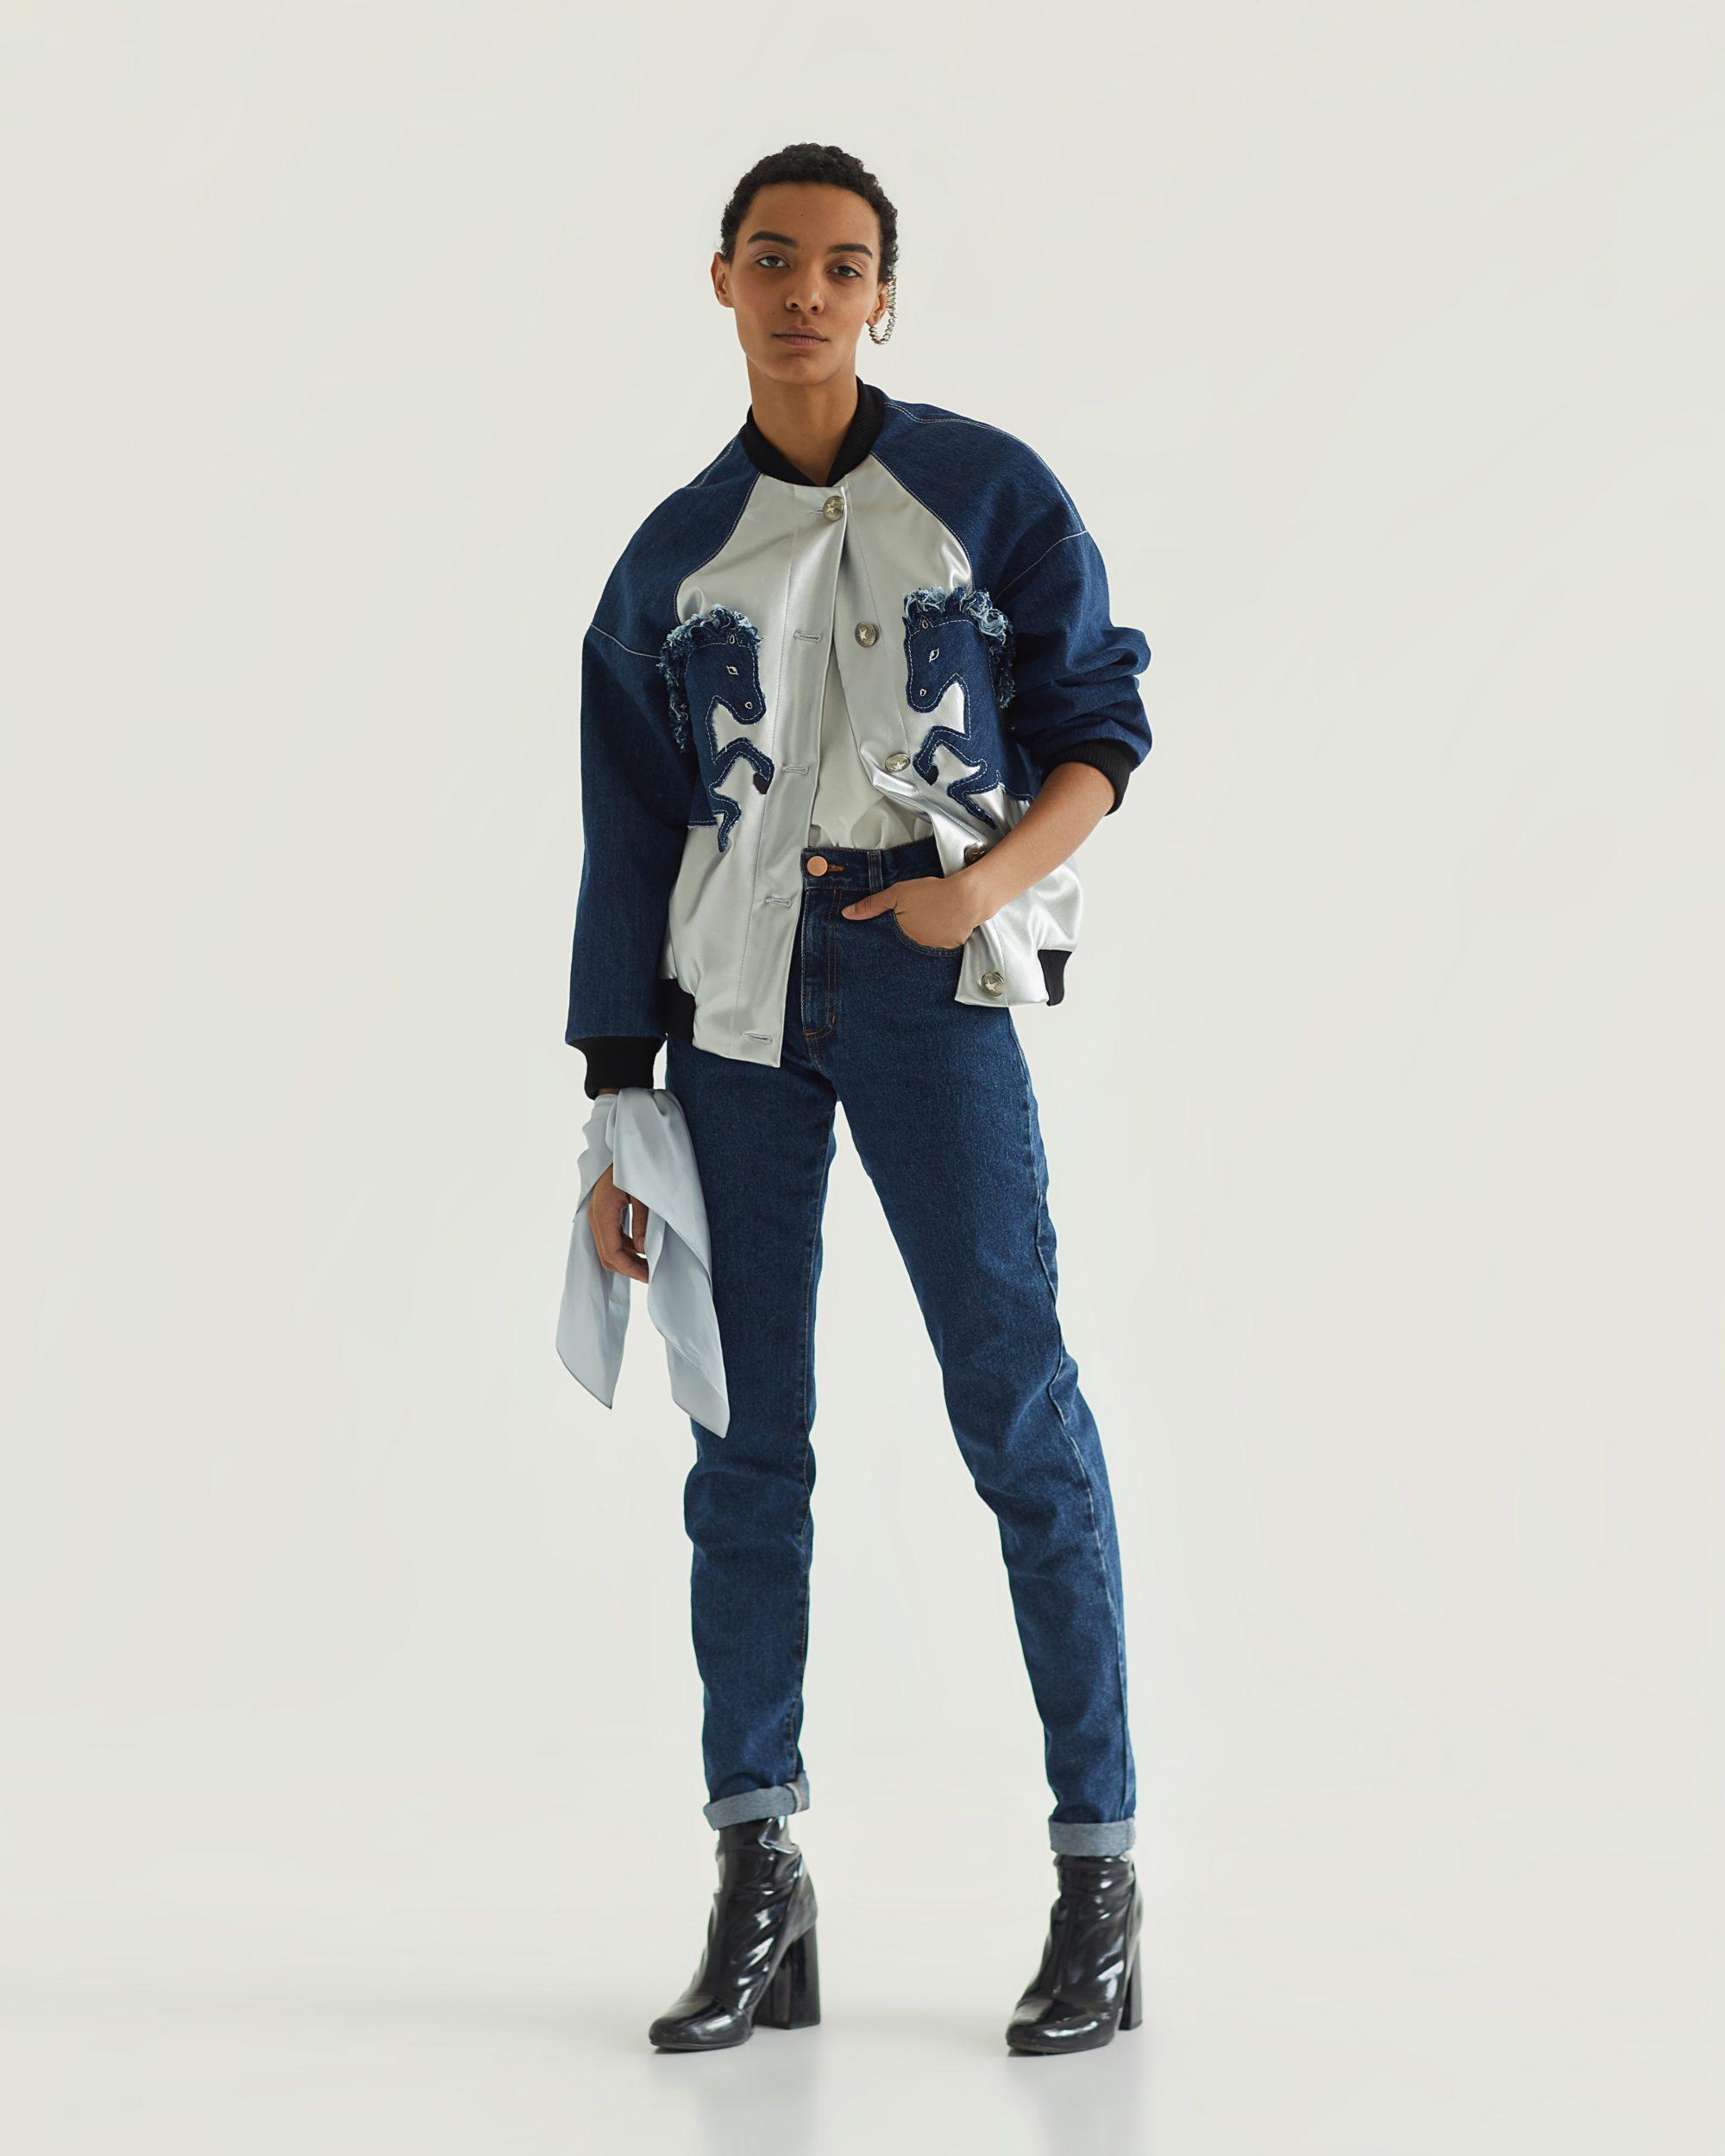 Tatman джинсы и модная джинсовая куртка, тренды 2019 года